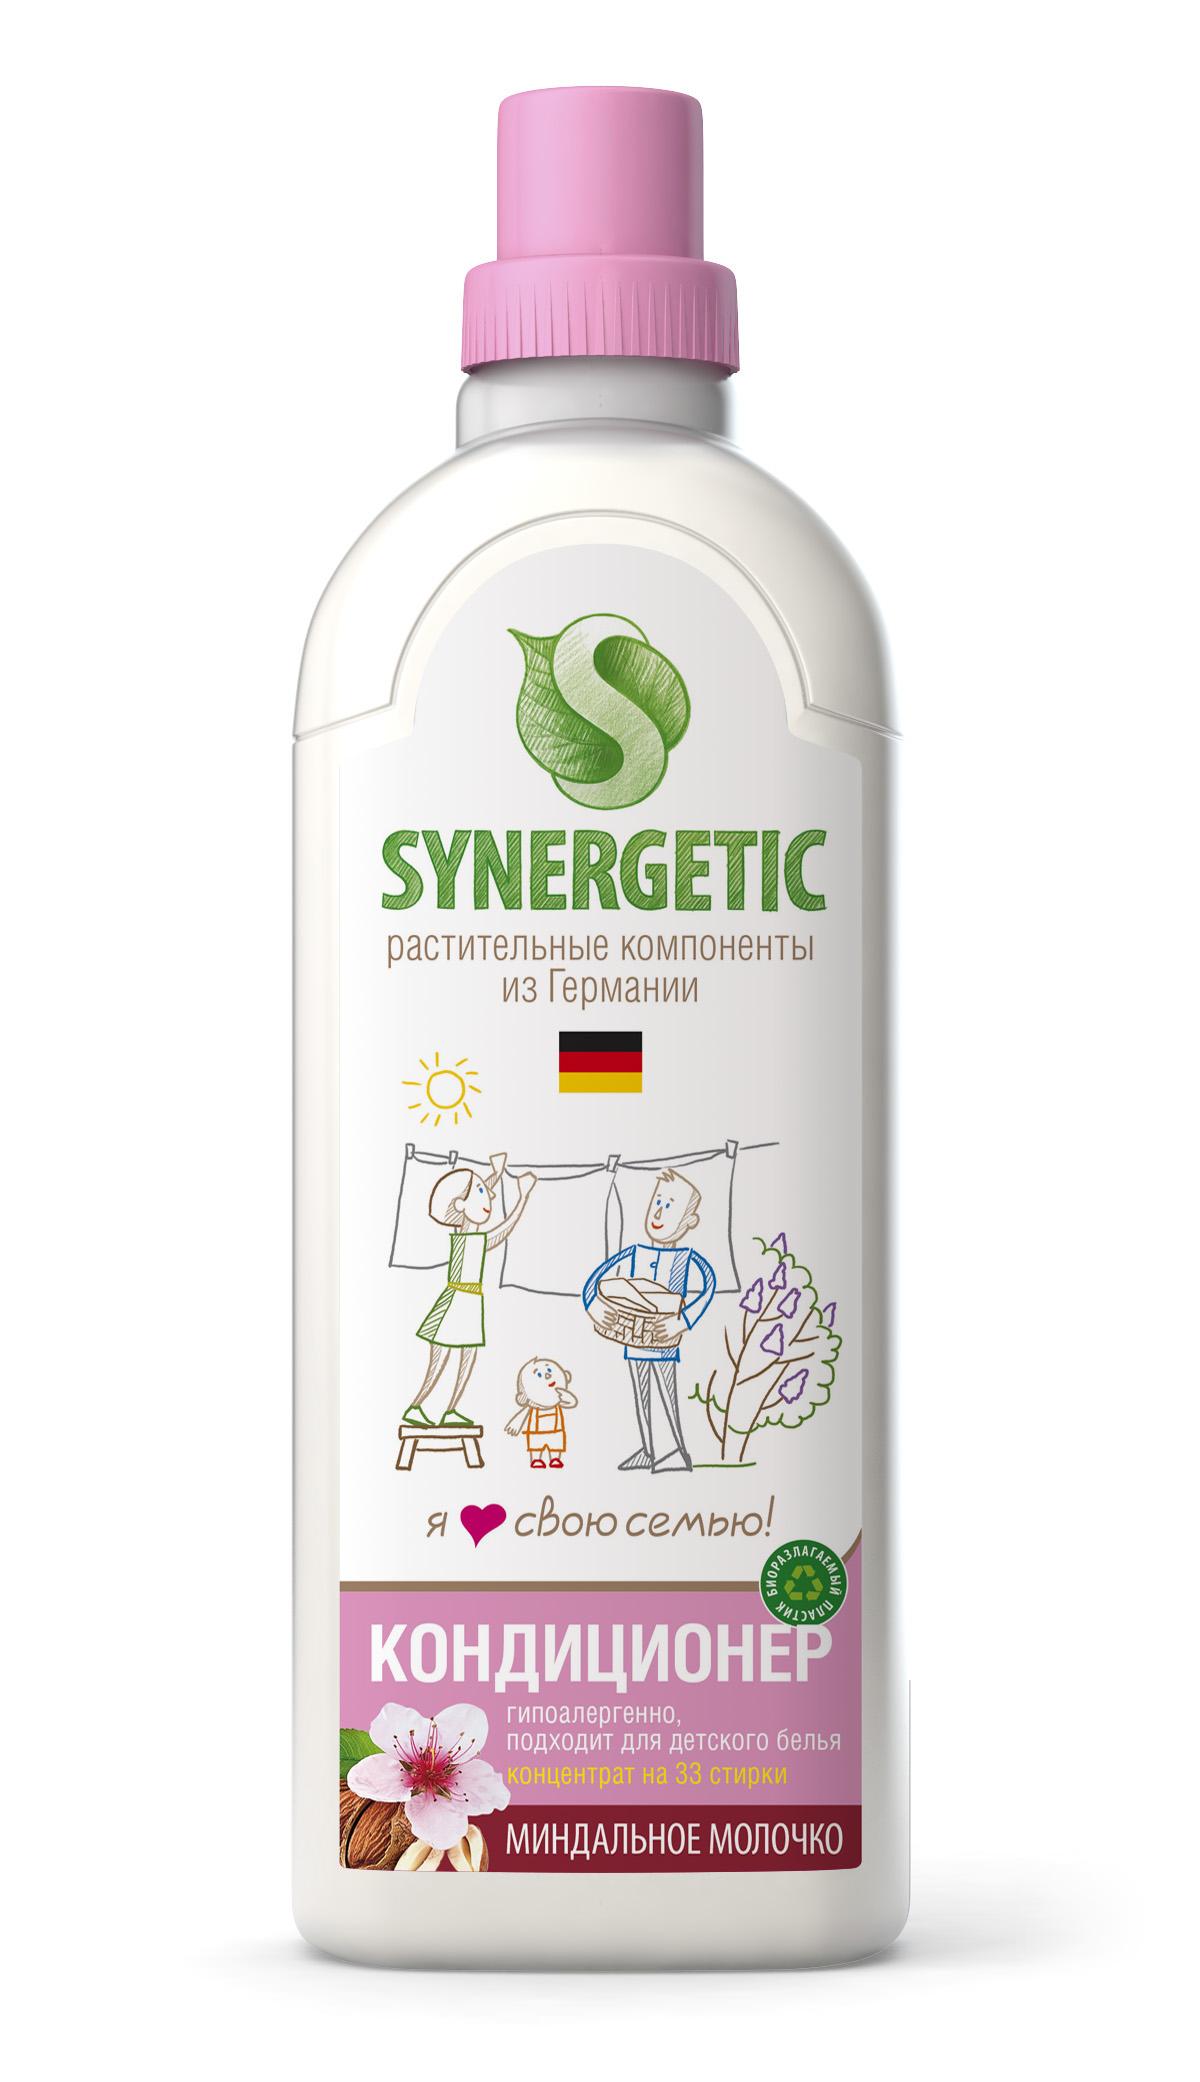 Кондиционер для белья Synergetic, миндальное молочко, 1 лSNG-110101Высококонцентрированное професиональное средство. За счет полностью натурального состава обладает 100% смываемостью и не остается на одежде, подходит для стирки детского белья, темного, цветного, деликатных тканей, шерсти, шелка, джинсовых тканей.